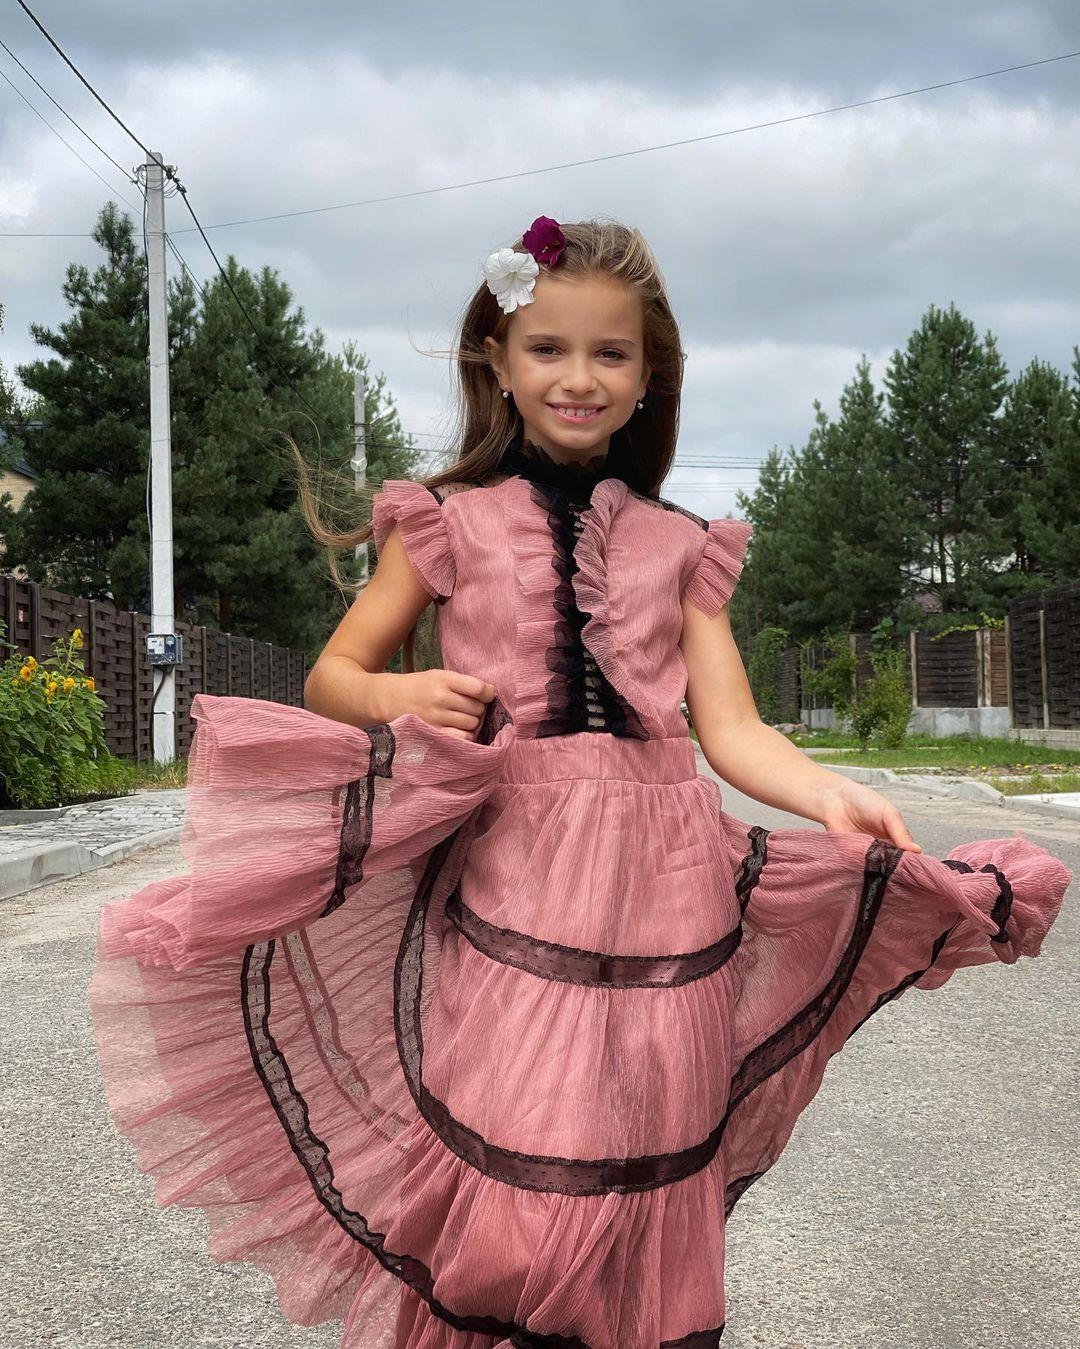 Копия мамы: Лилия Ребрик показала подросшую красавицу-дочь в день ее рождения